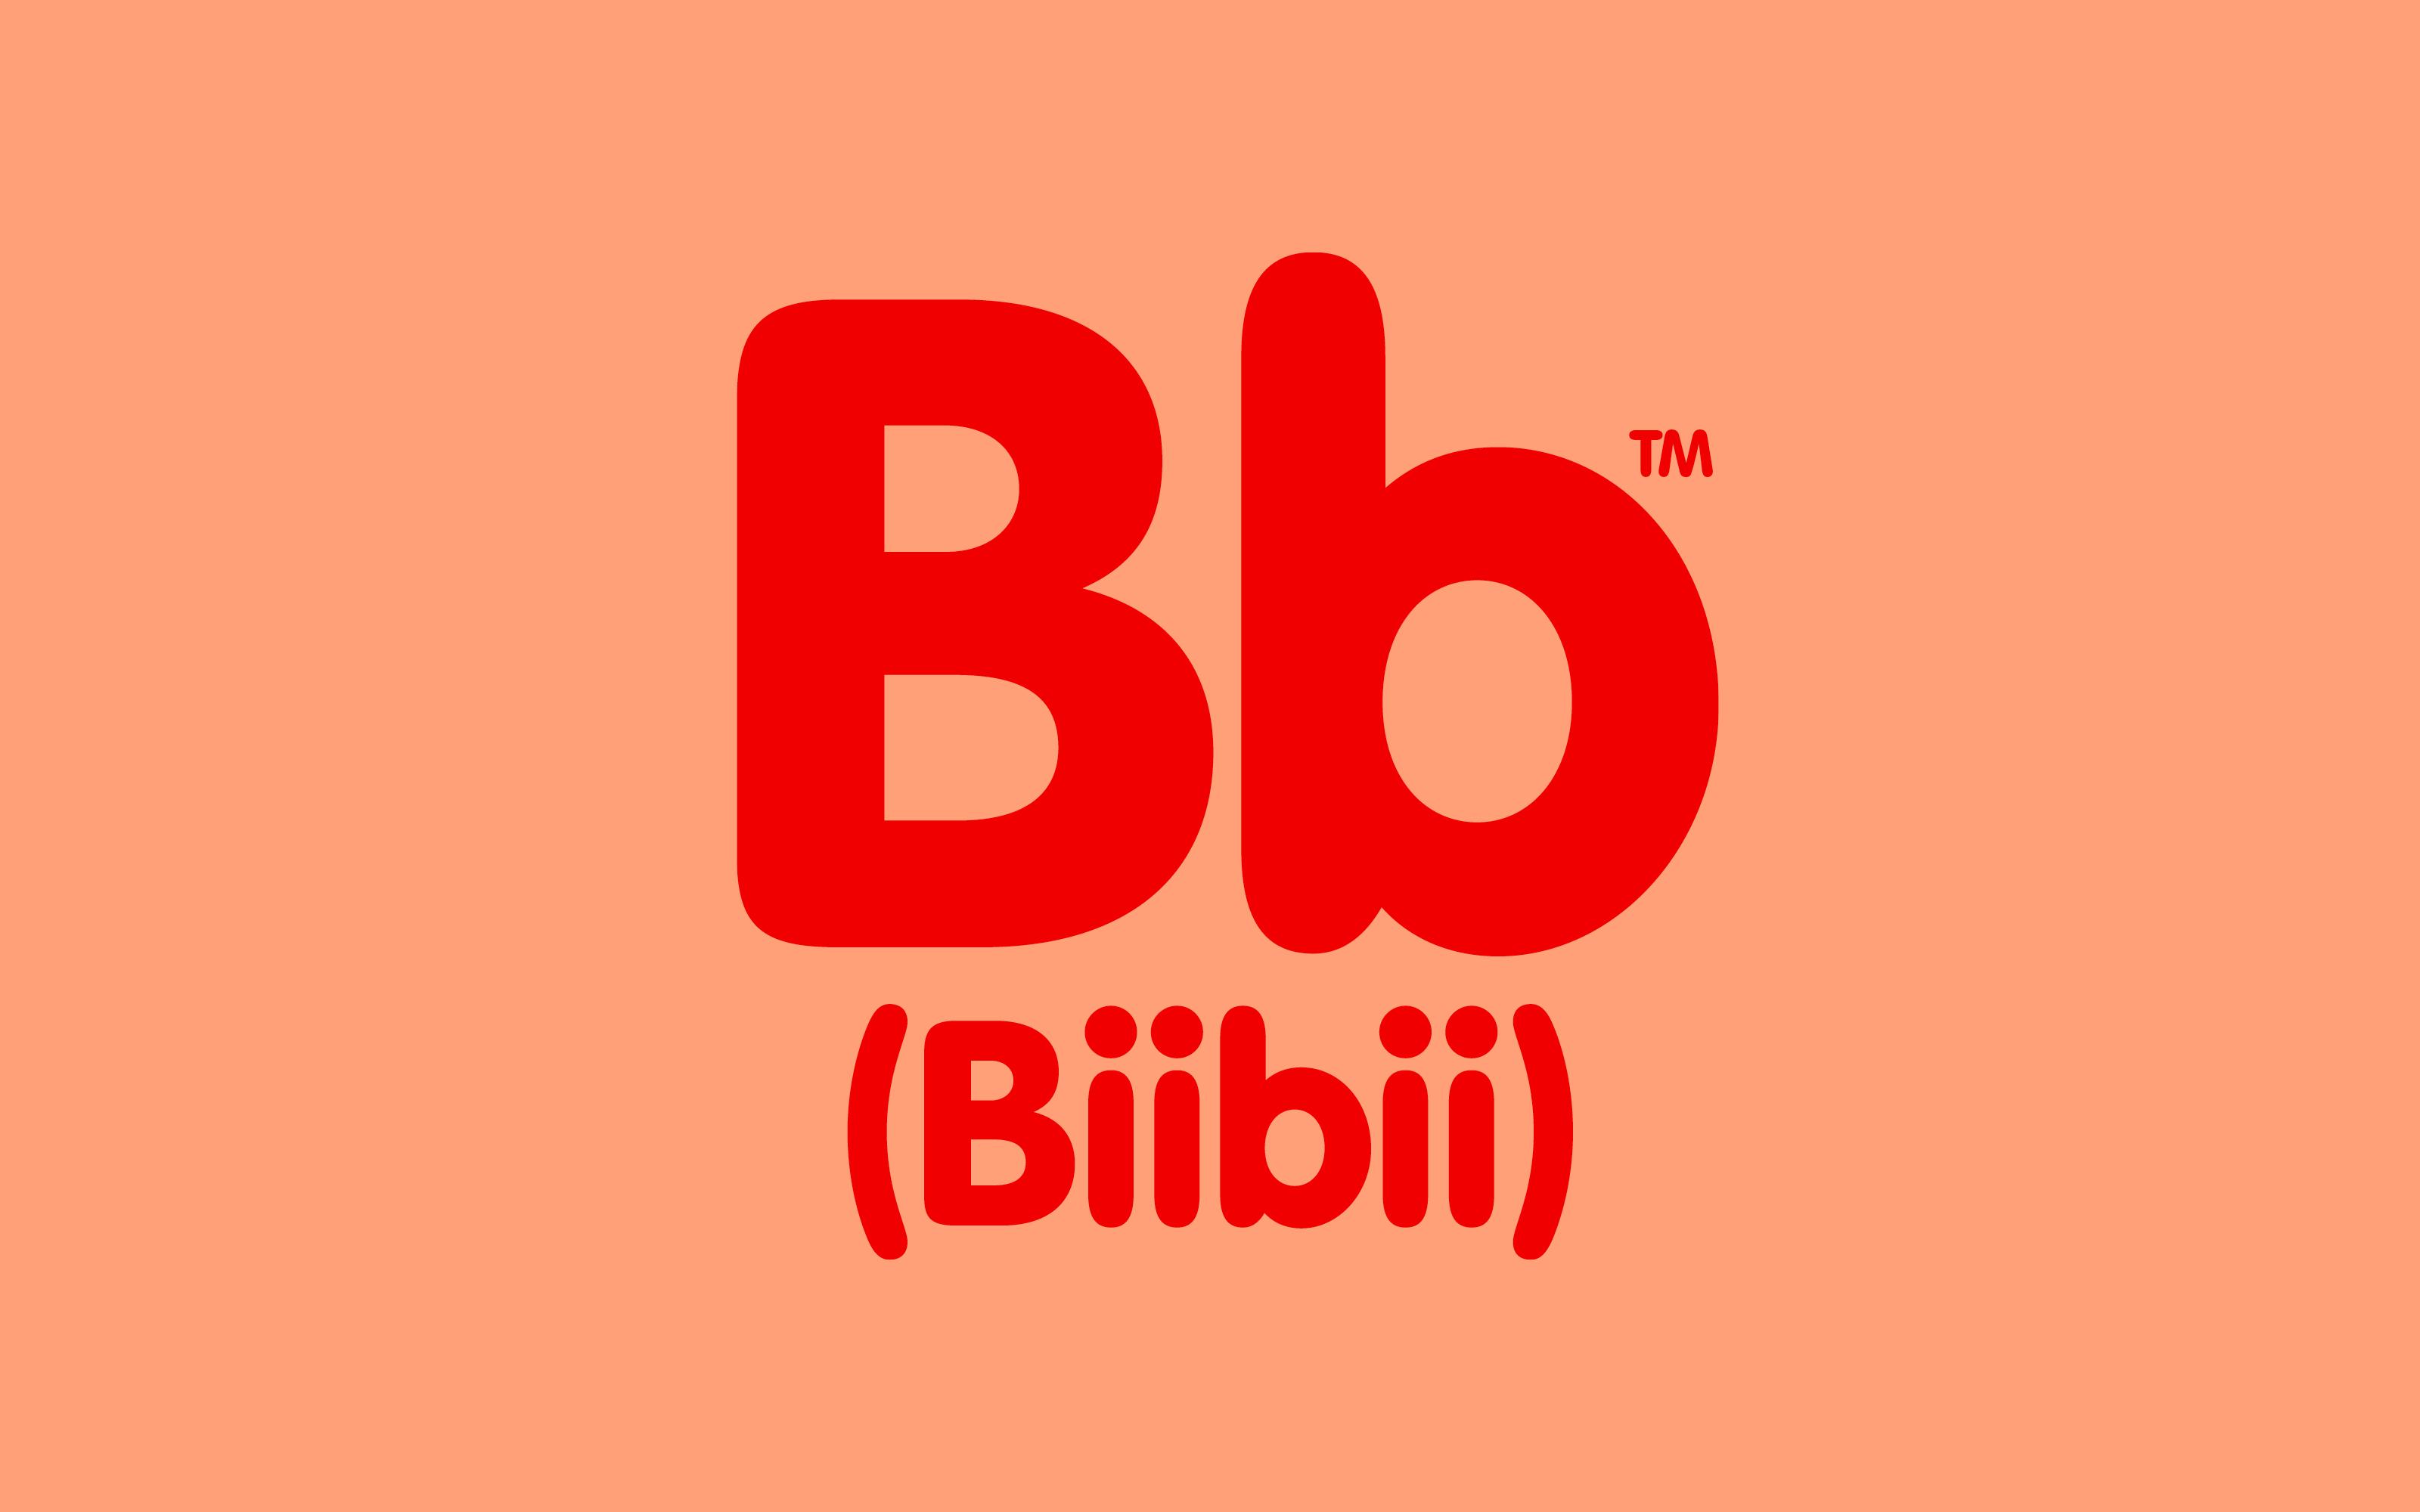 &then™ Biibii Logo